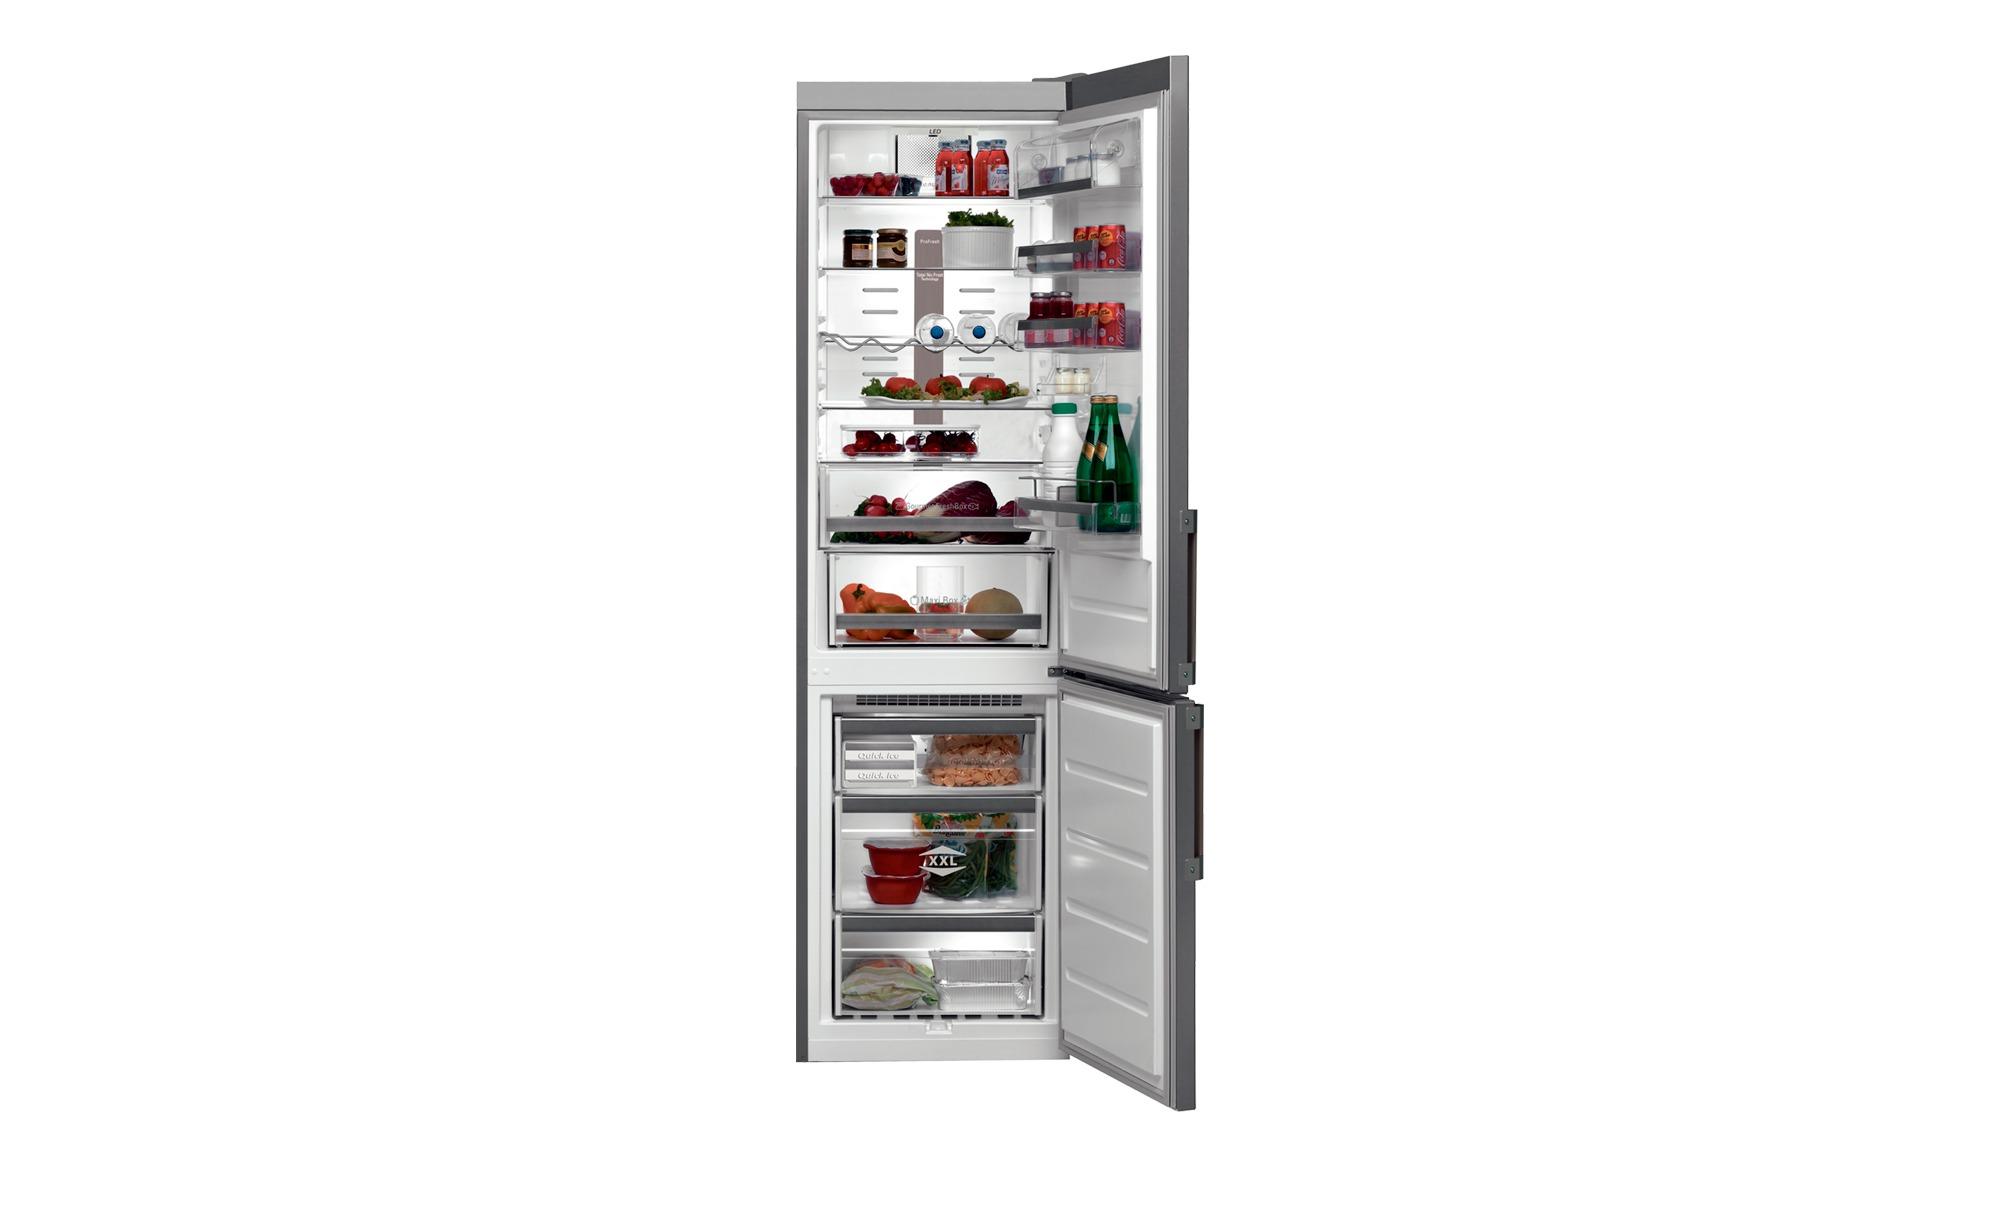 Amica Kühlschrank Edeka : Silber kühlschränke online kaufen möbel suchmaschine ladendirekt.de